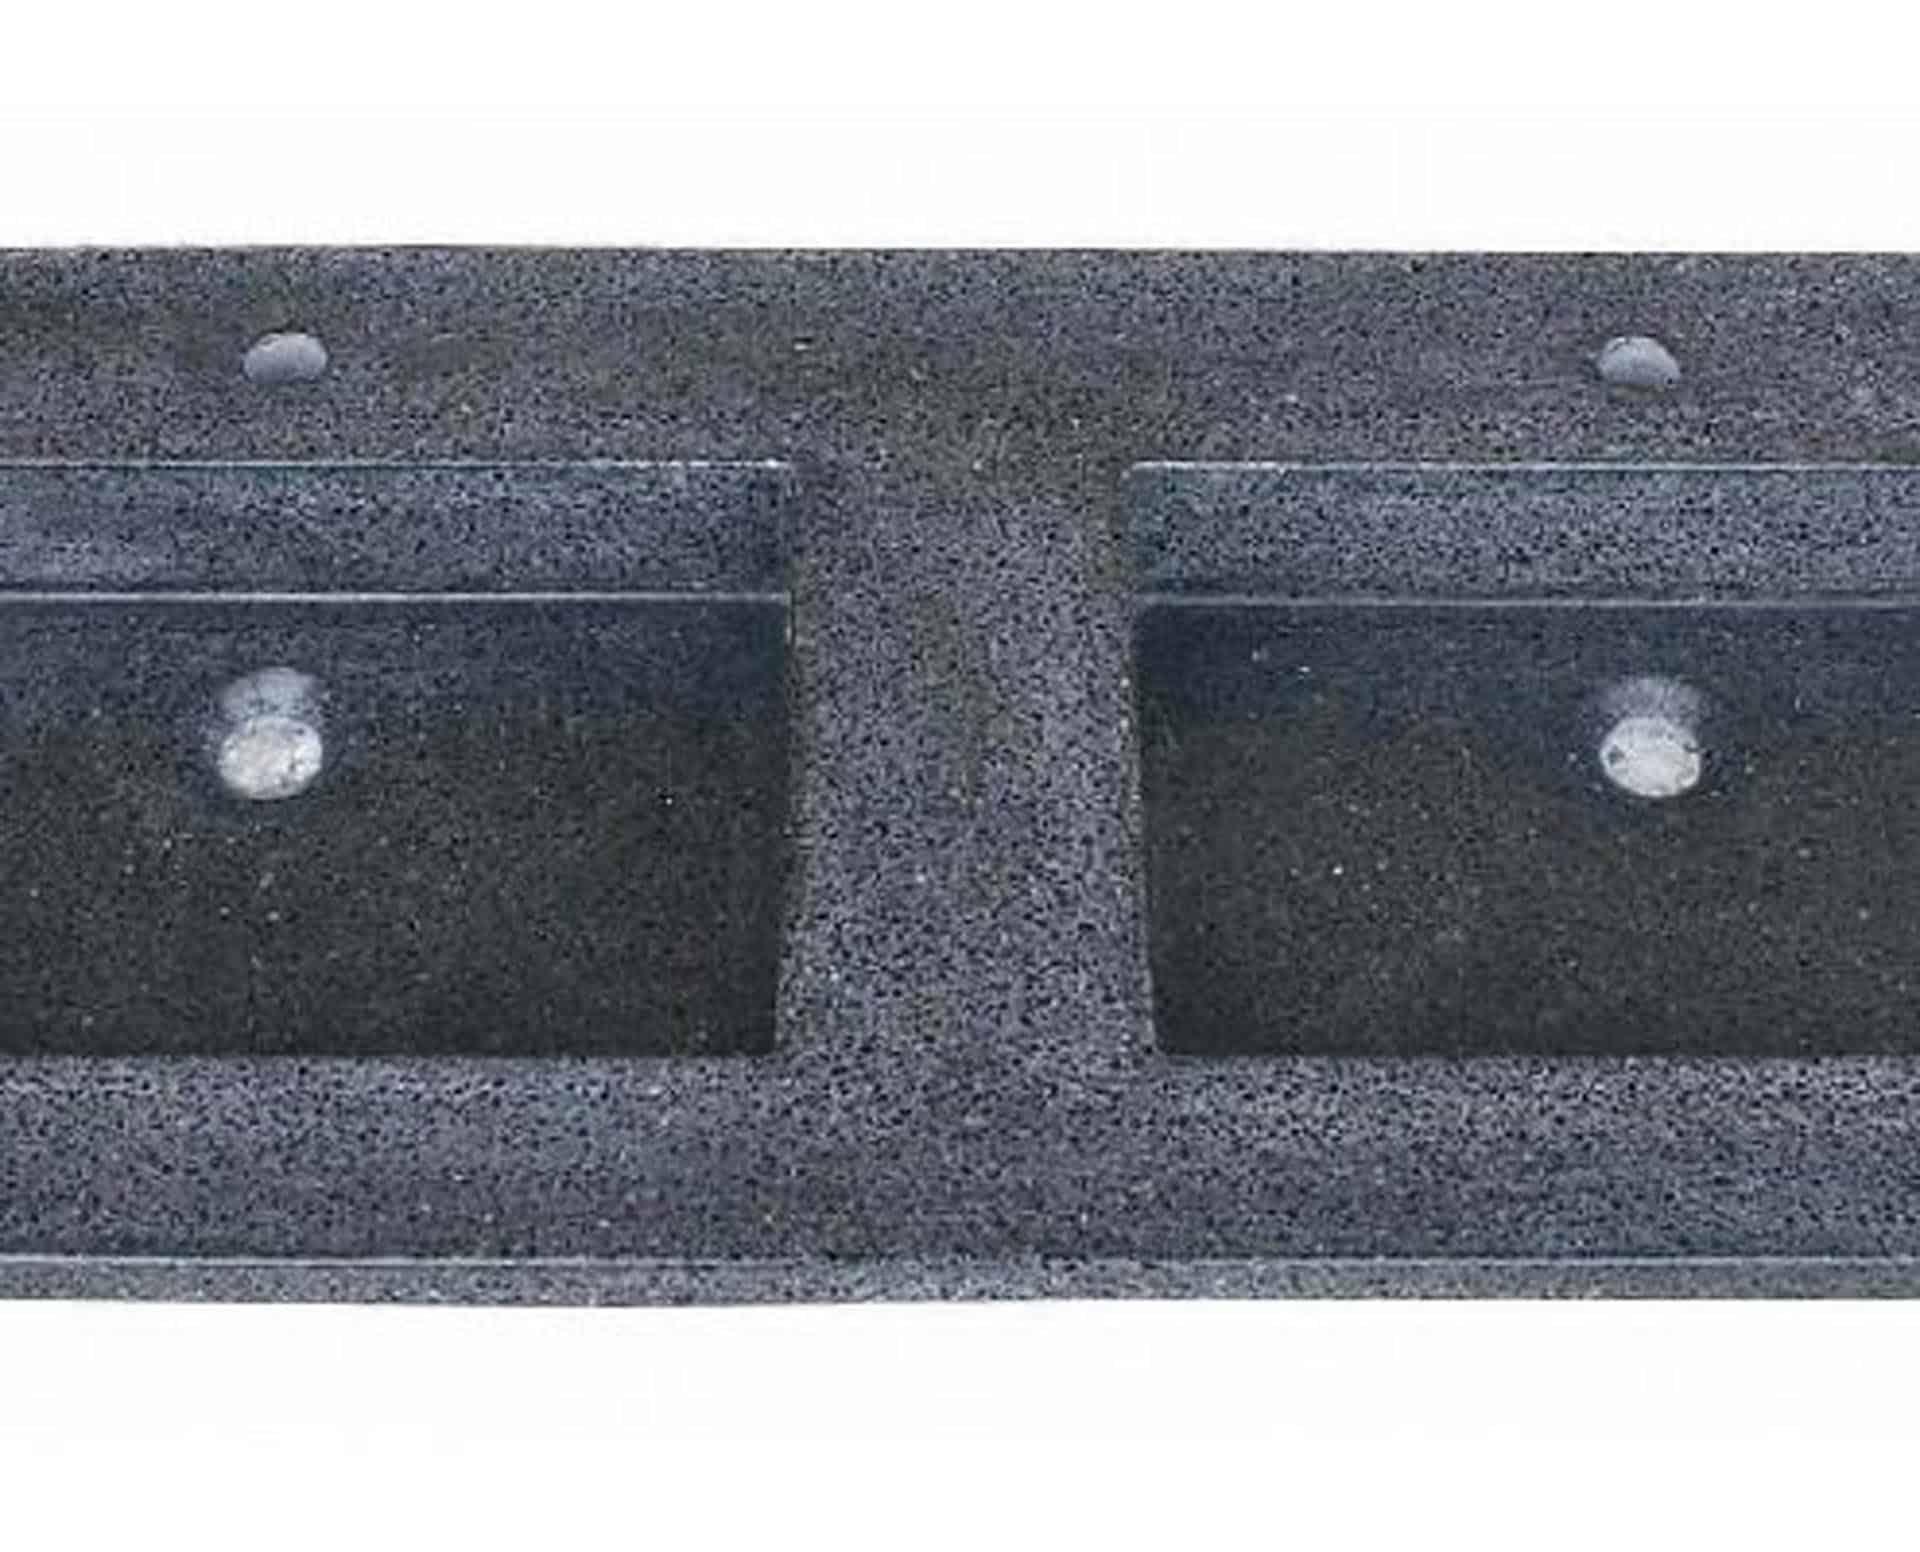 Lækker gnistret terrazzo håndvask, med pæne afrundinger. Farven er koksgrå med sorte og mørke sten - et råt look med en flot finish. Vasken har målene: 123,2 x 54,5 x 3 cm. Materialet er en blanding af cement og de små natursten der giver vasken sin flotte gnistrede finish. Vasken skal stå på et skab. Køb et af vores tre slags åbne ophæng til slimlinevaske eller se vores guide til hvilket skab, der passer til og hvor du kan købe det. Vasken er hensynsmæssigt designet med fine rundinger, som både giver vasken et eksklusivt udtryk og gør den rengøringsvenlig. Vasken vedligeholdes med voks - vi anbefaler en behandling med vores egen naturvoks ID12002 et par gange om året for at opnå optimalt look.